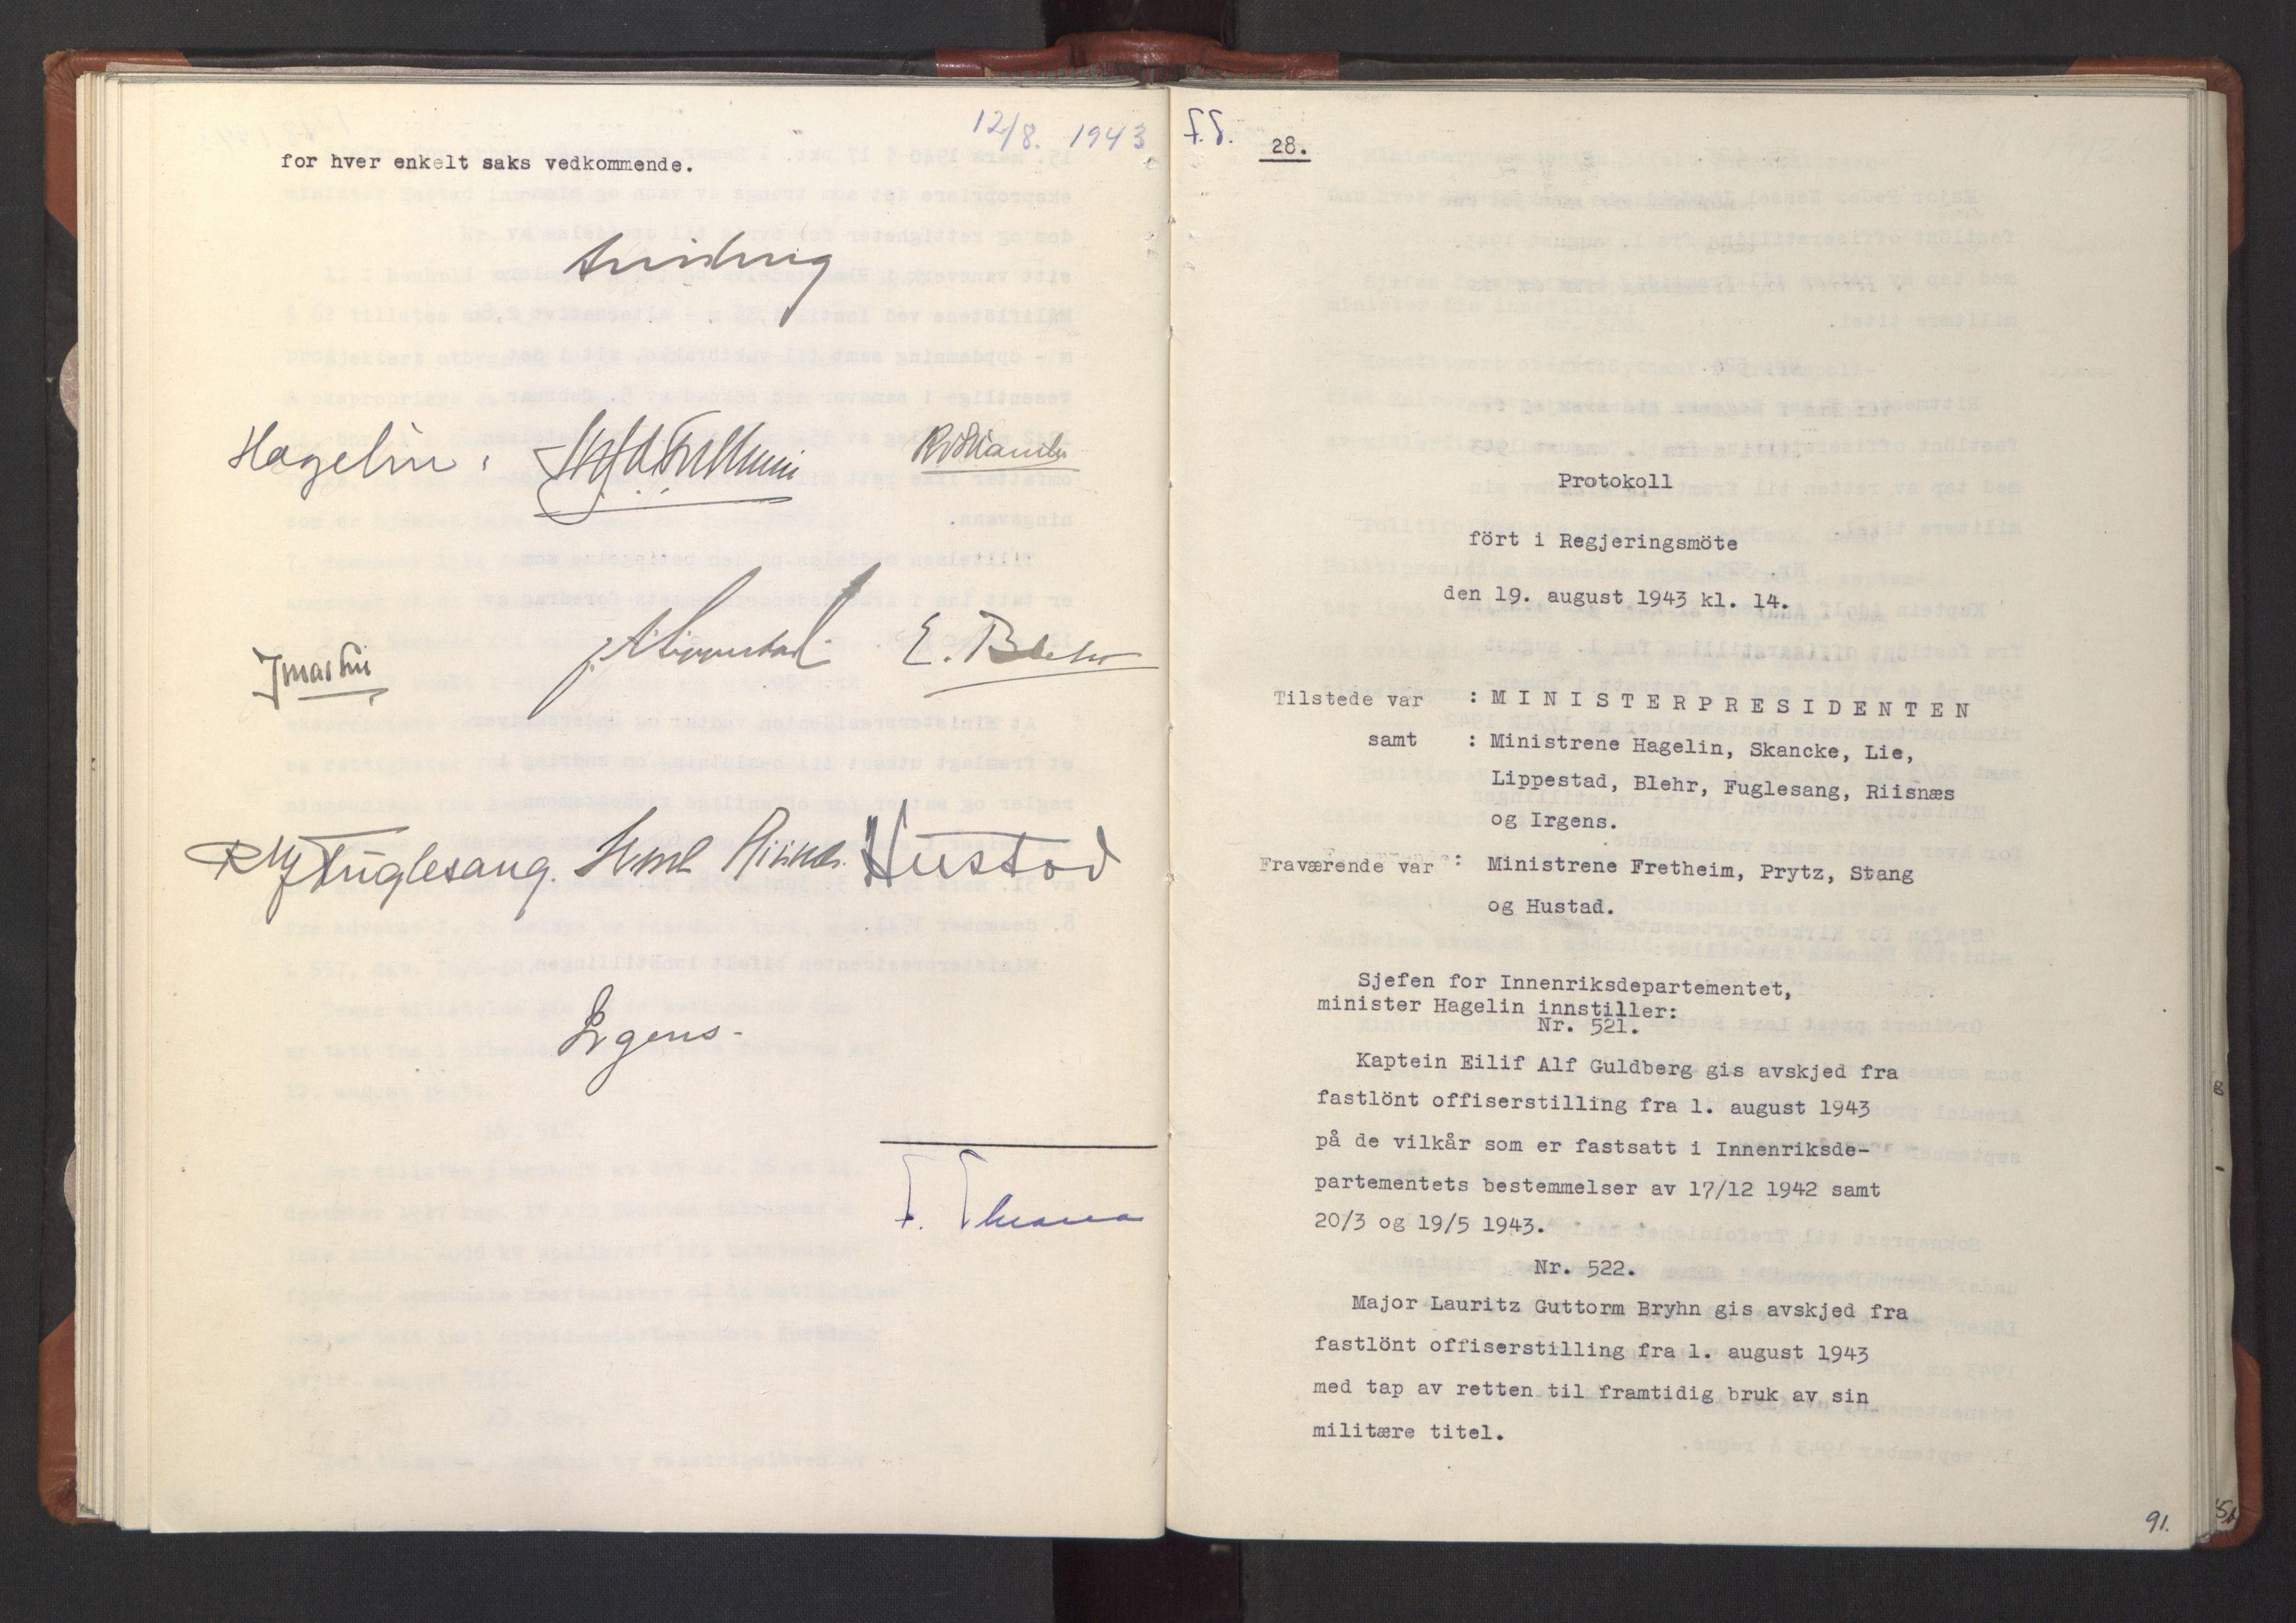 RA, NS-administrasjonen 1940-1945 (Statsrådsekretariatet, de kommisariske statsråder mm), D/Da/L0003: Vedtak (Beslutninger) nr. 1-746 og tillegg nr. 1-47 (RA. j.nr. 1394/1944, tilgangsnr. 8/1944, 1943, s. 90b-91a